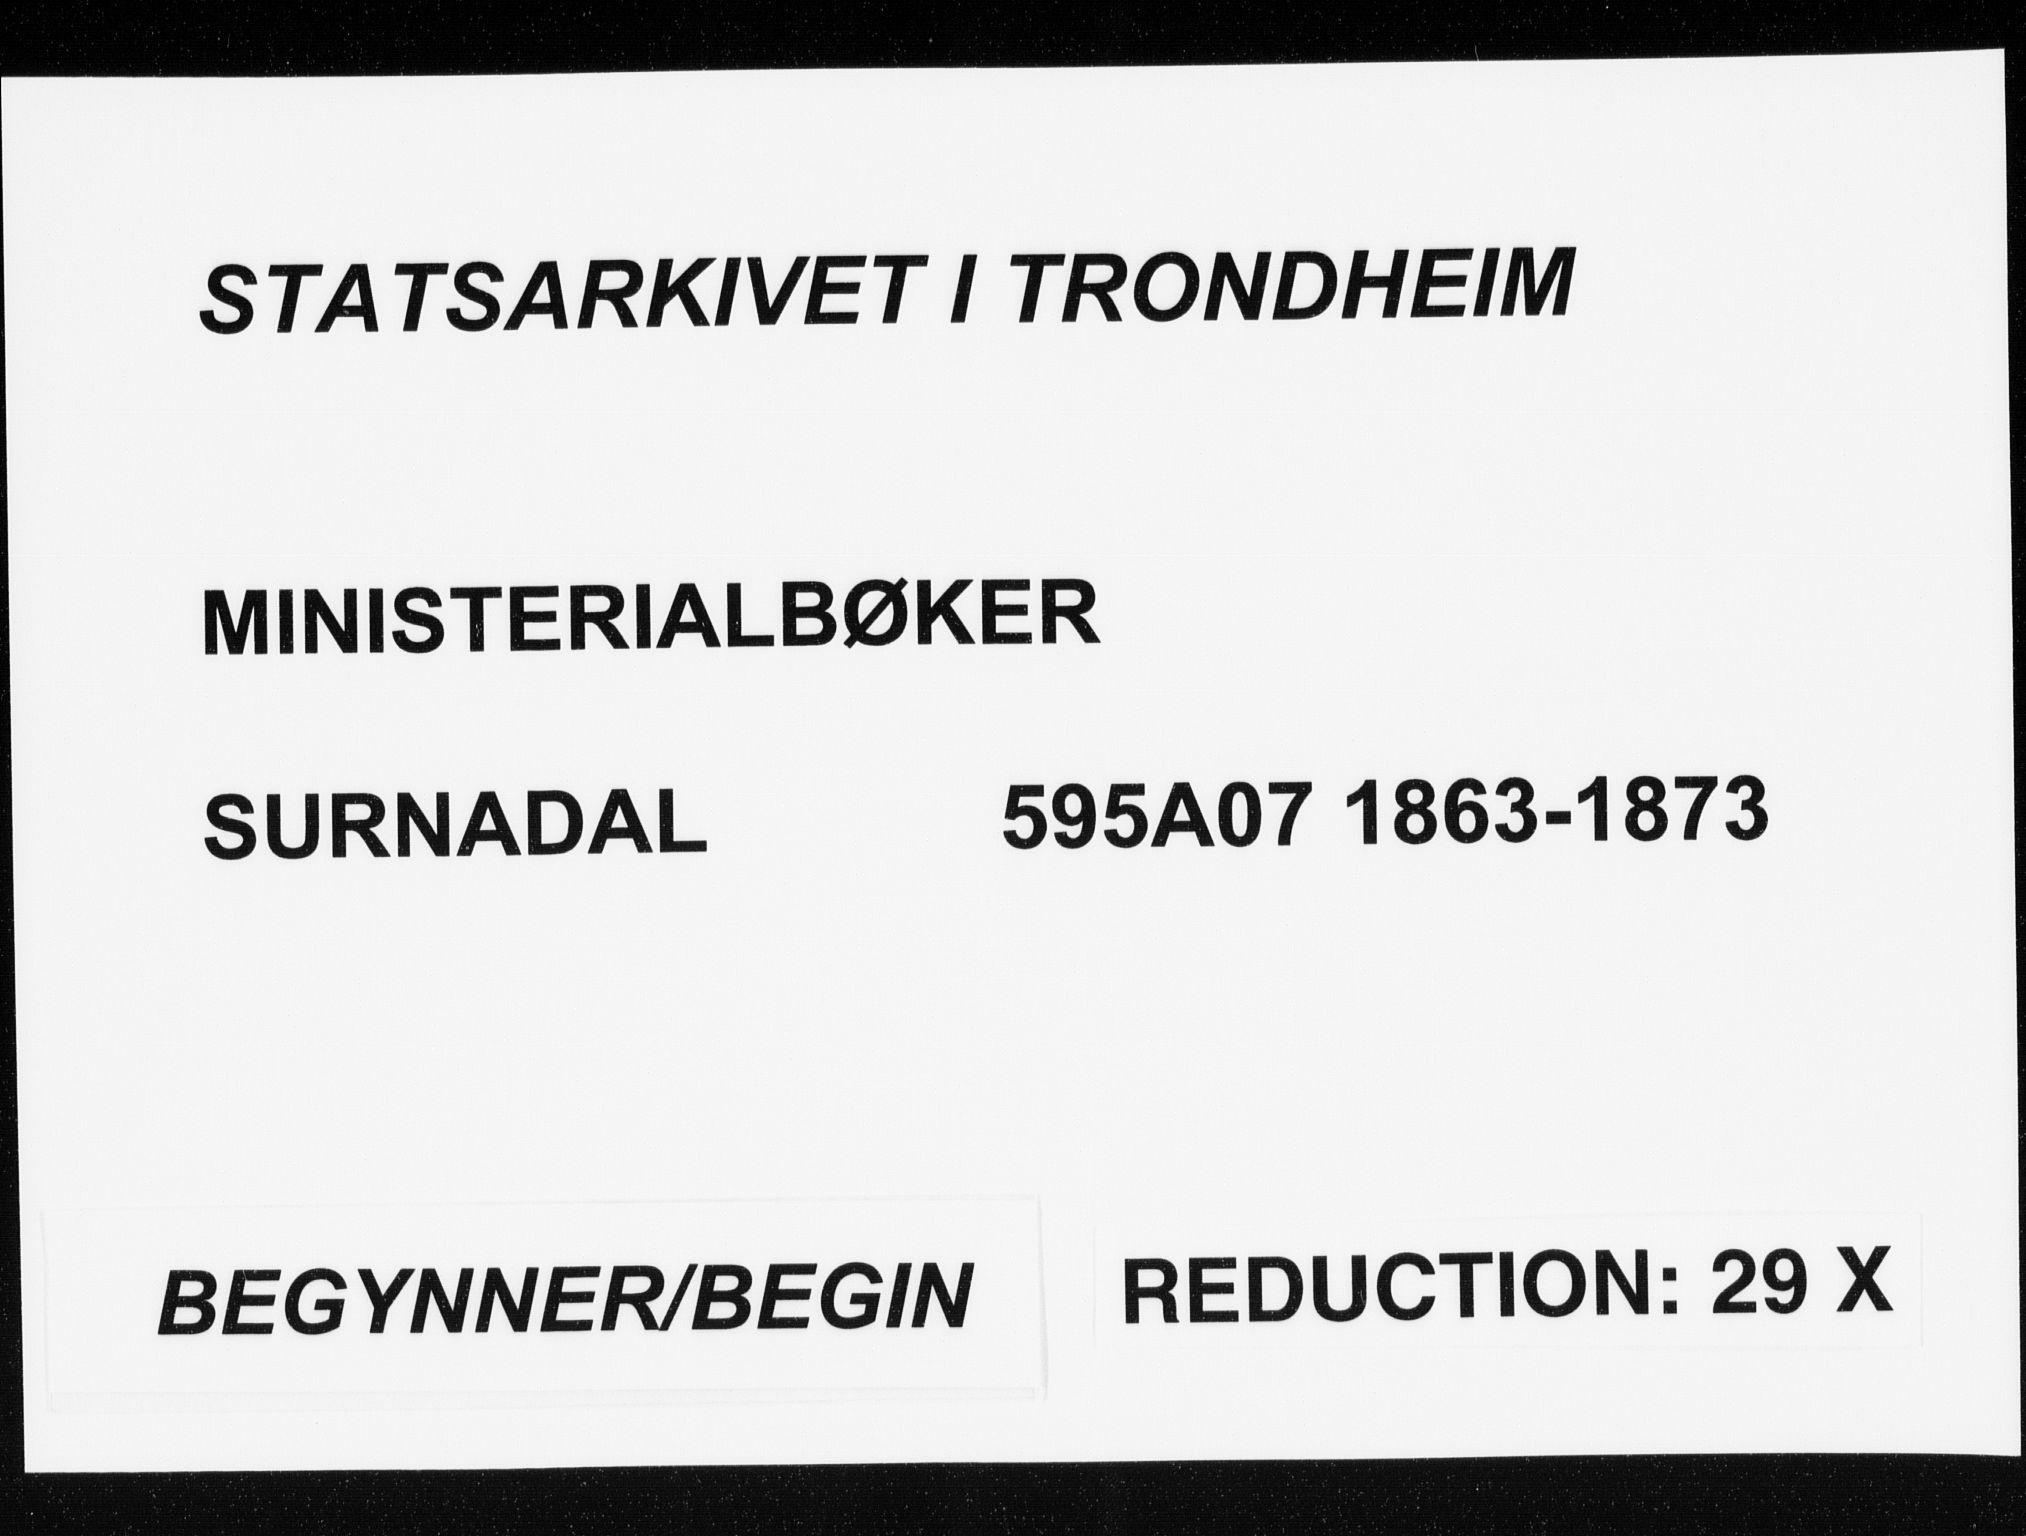 SAT, Ministerialprotokoller, klokkerbøker og fødselsregistre - Møre og Romsdal, 595/L1045: Ministerialbok nr. 595A07, 1863-1873